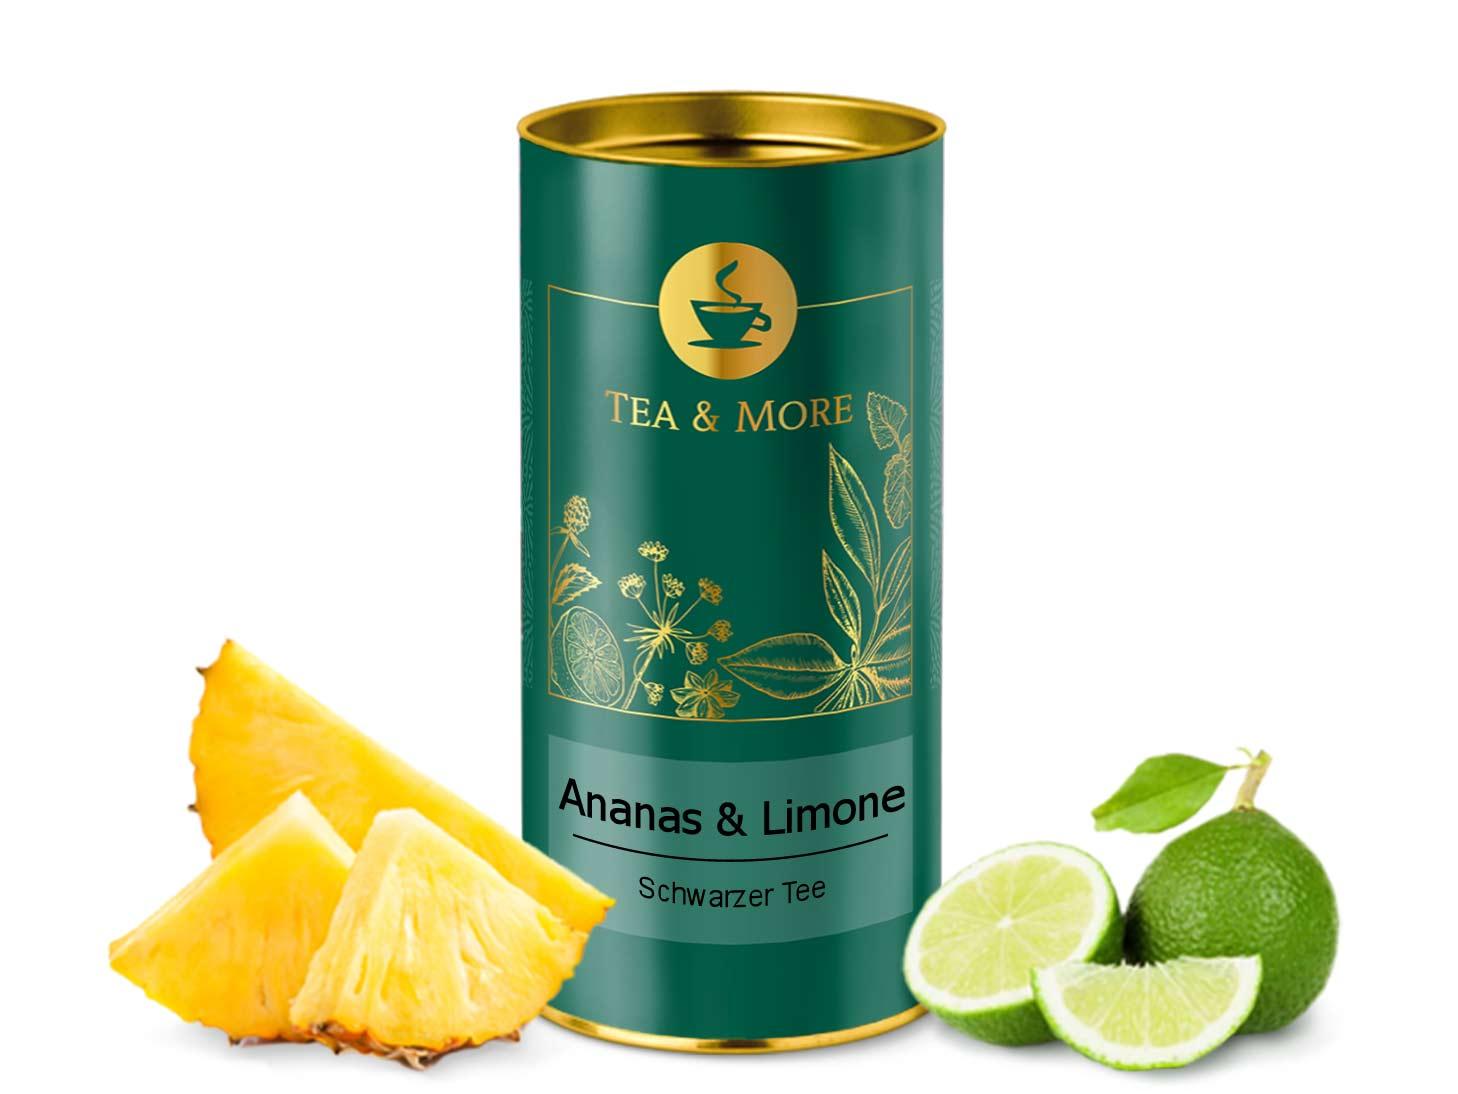 Ananas & Limone